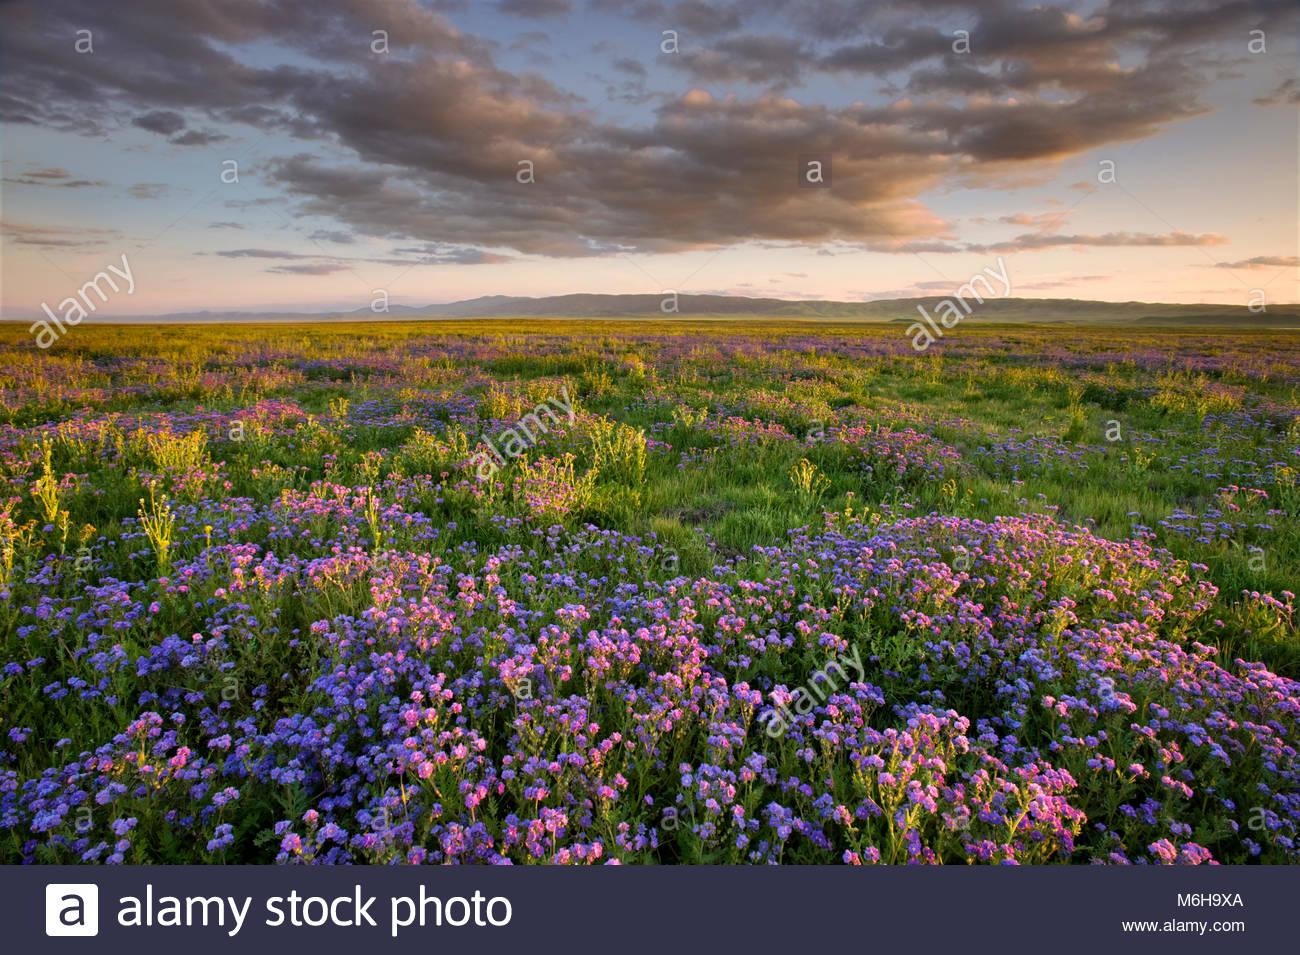 Phacelia at Sunset, Carrizo Plain National Monument, California - Stock Image